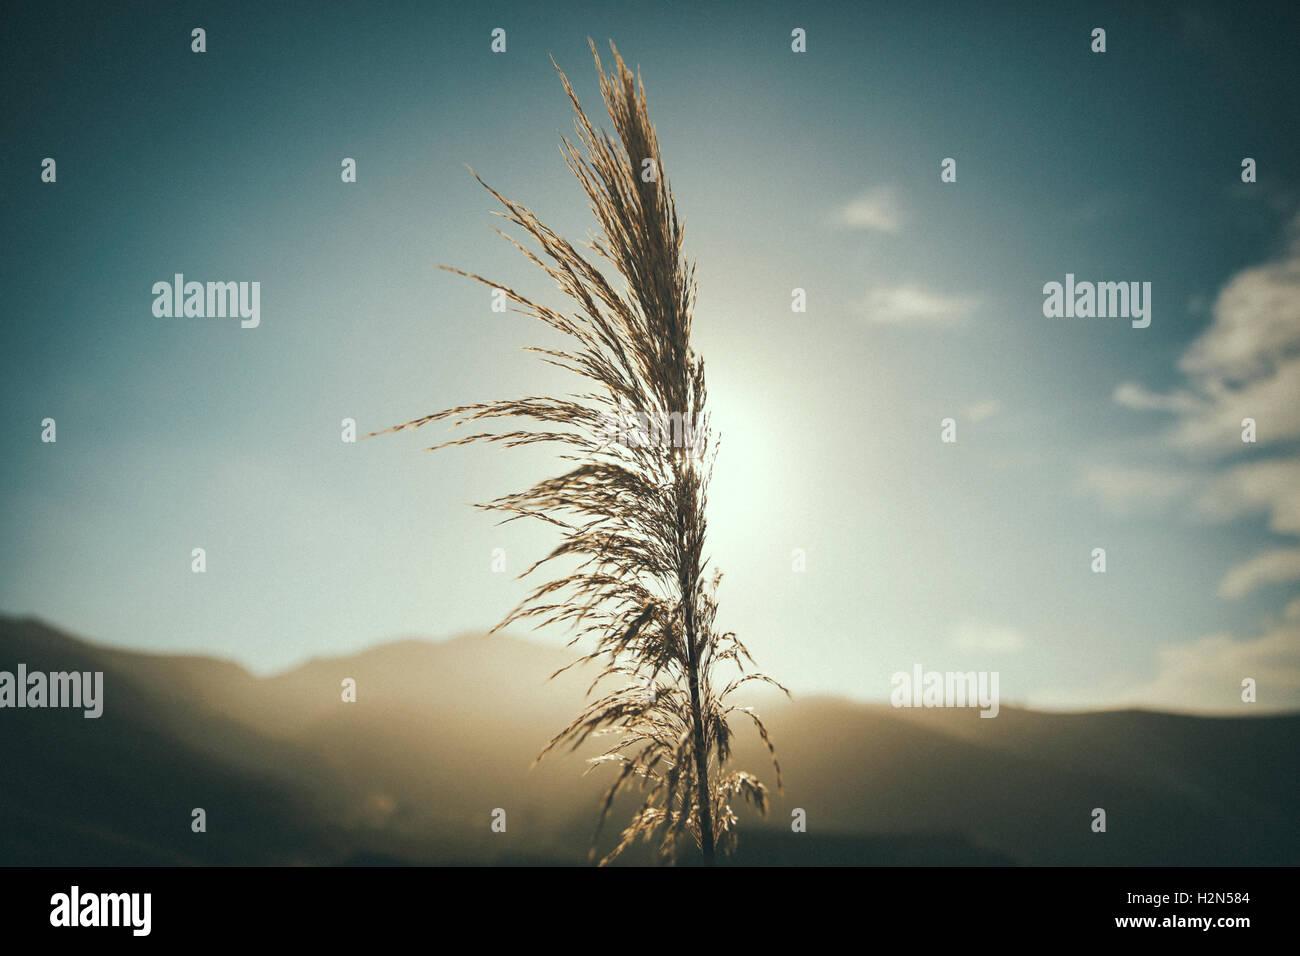 Hierba retroiluminada al amanecer. Imagen De Stock